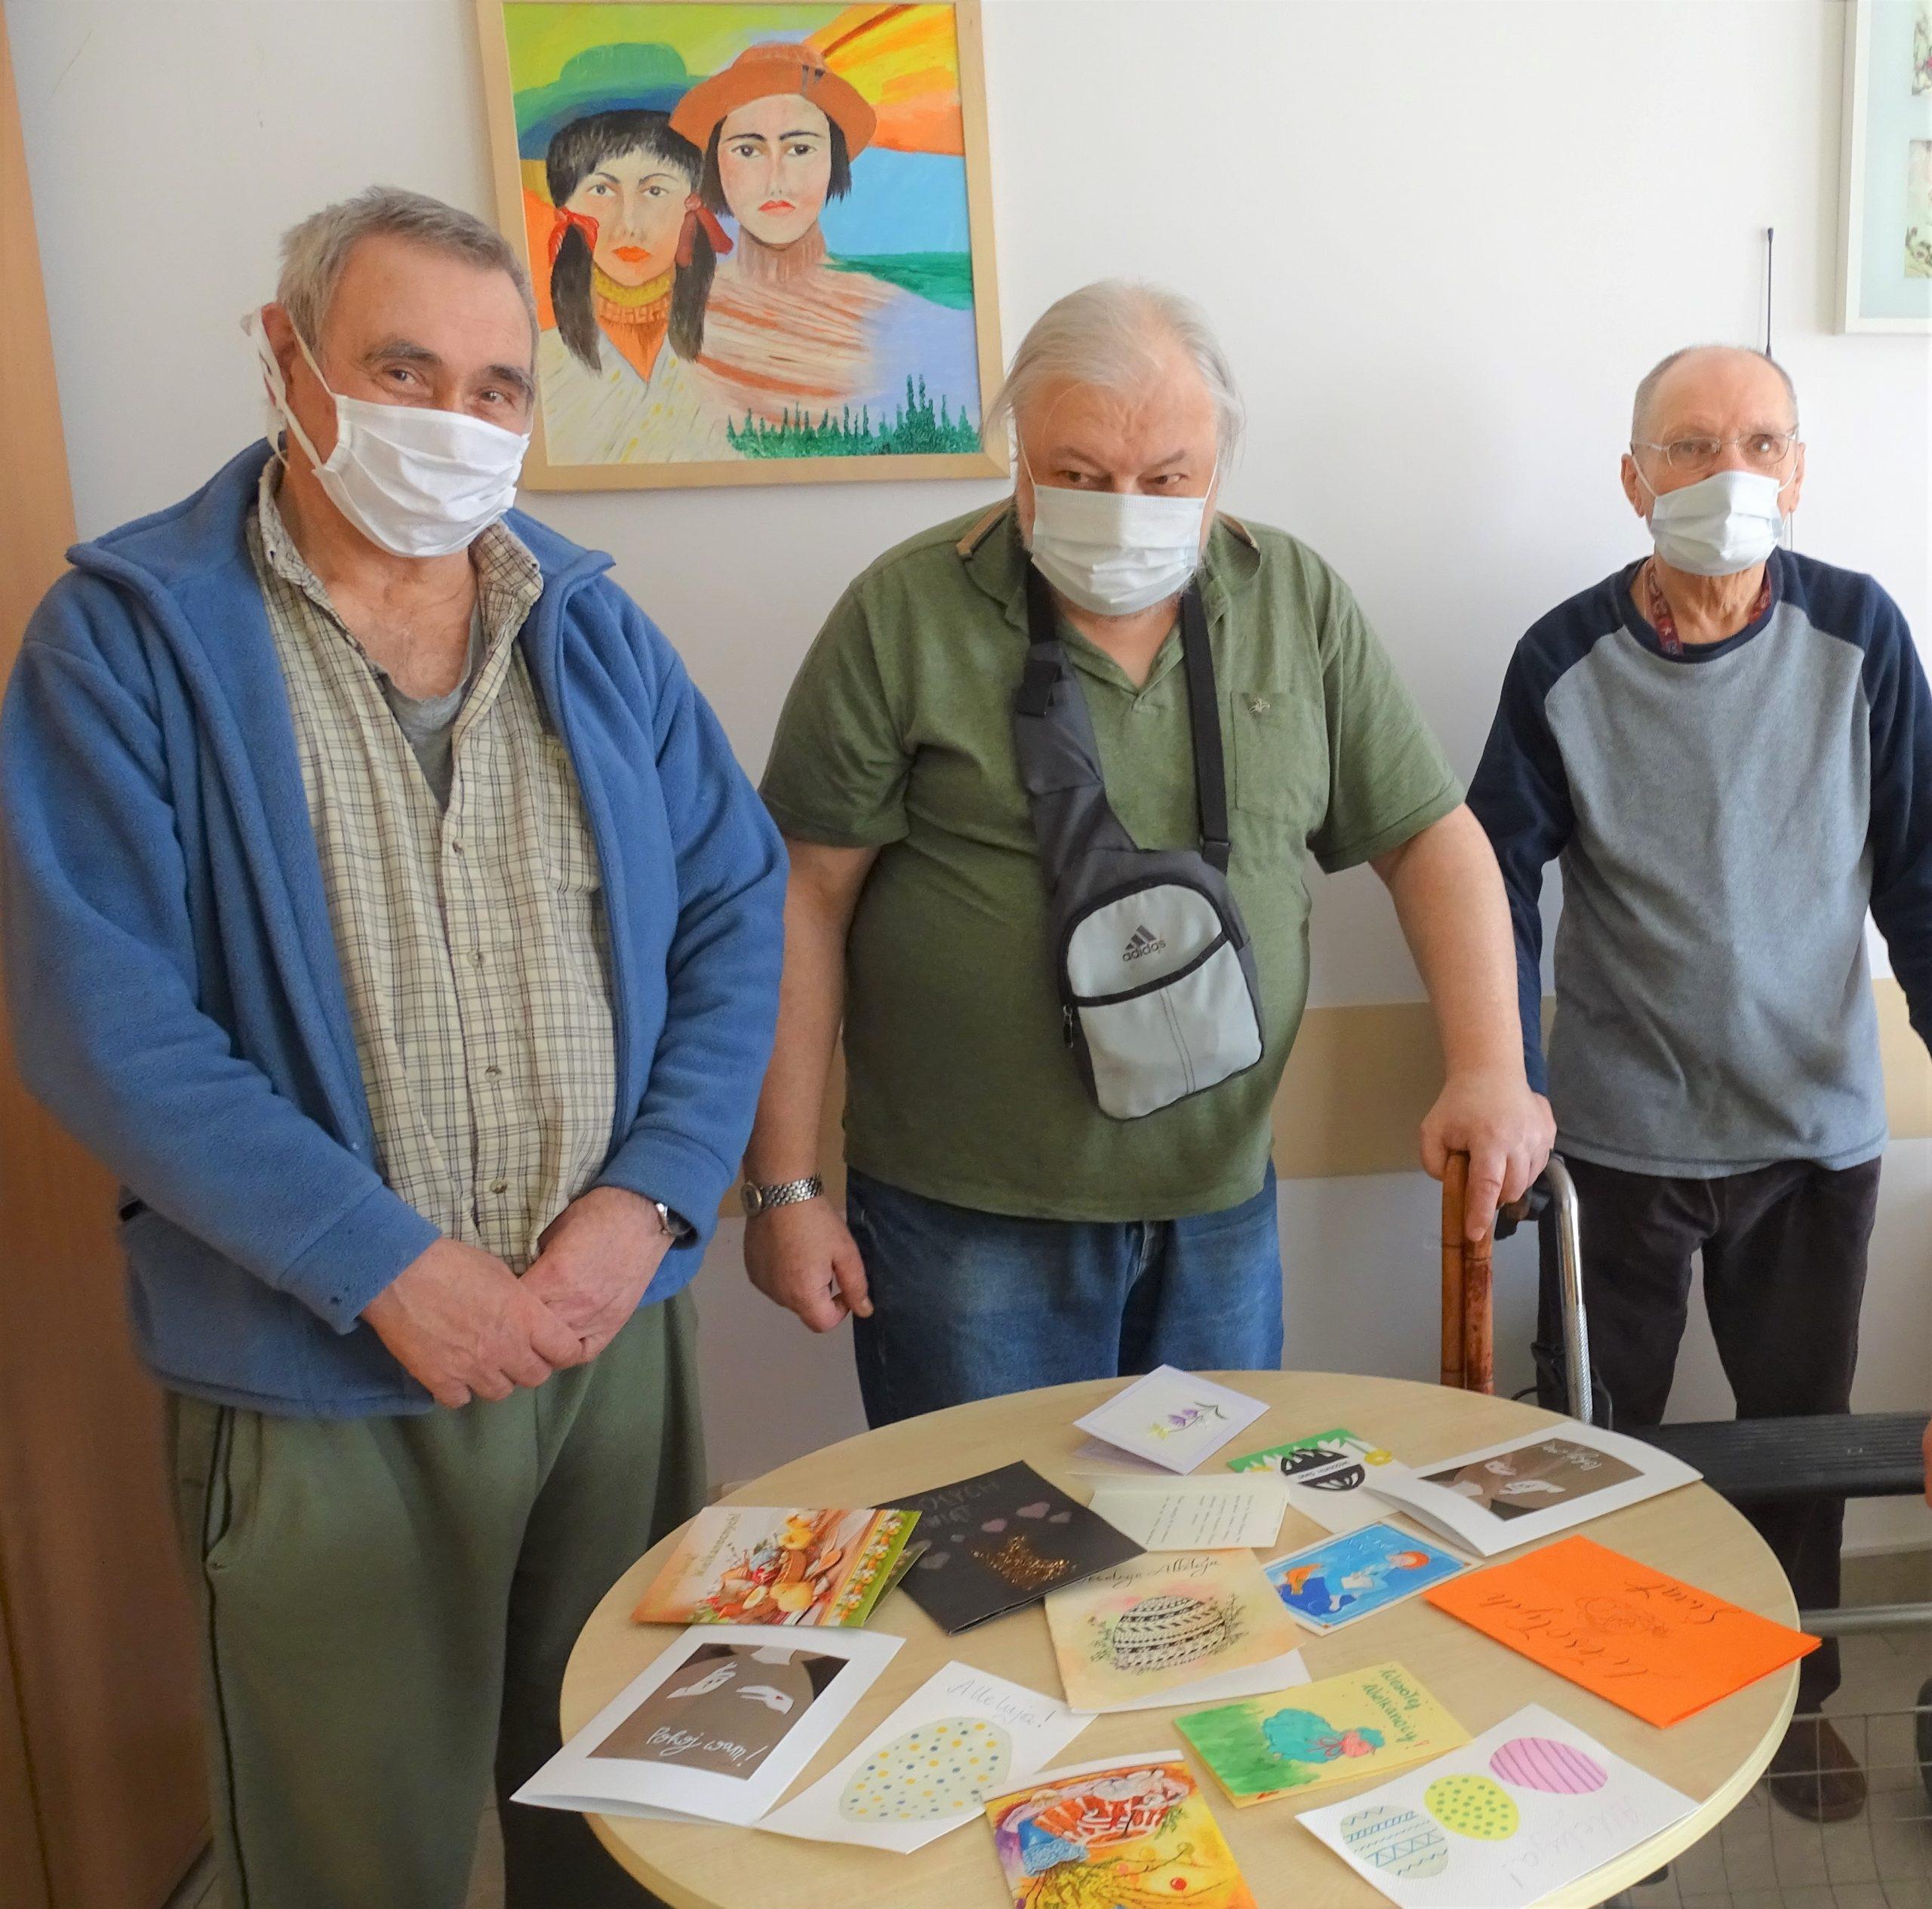 Trzech seniorów w tle leżące na stole karty świąteczne